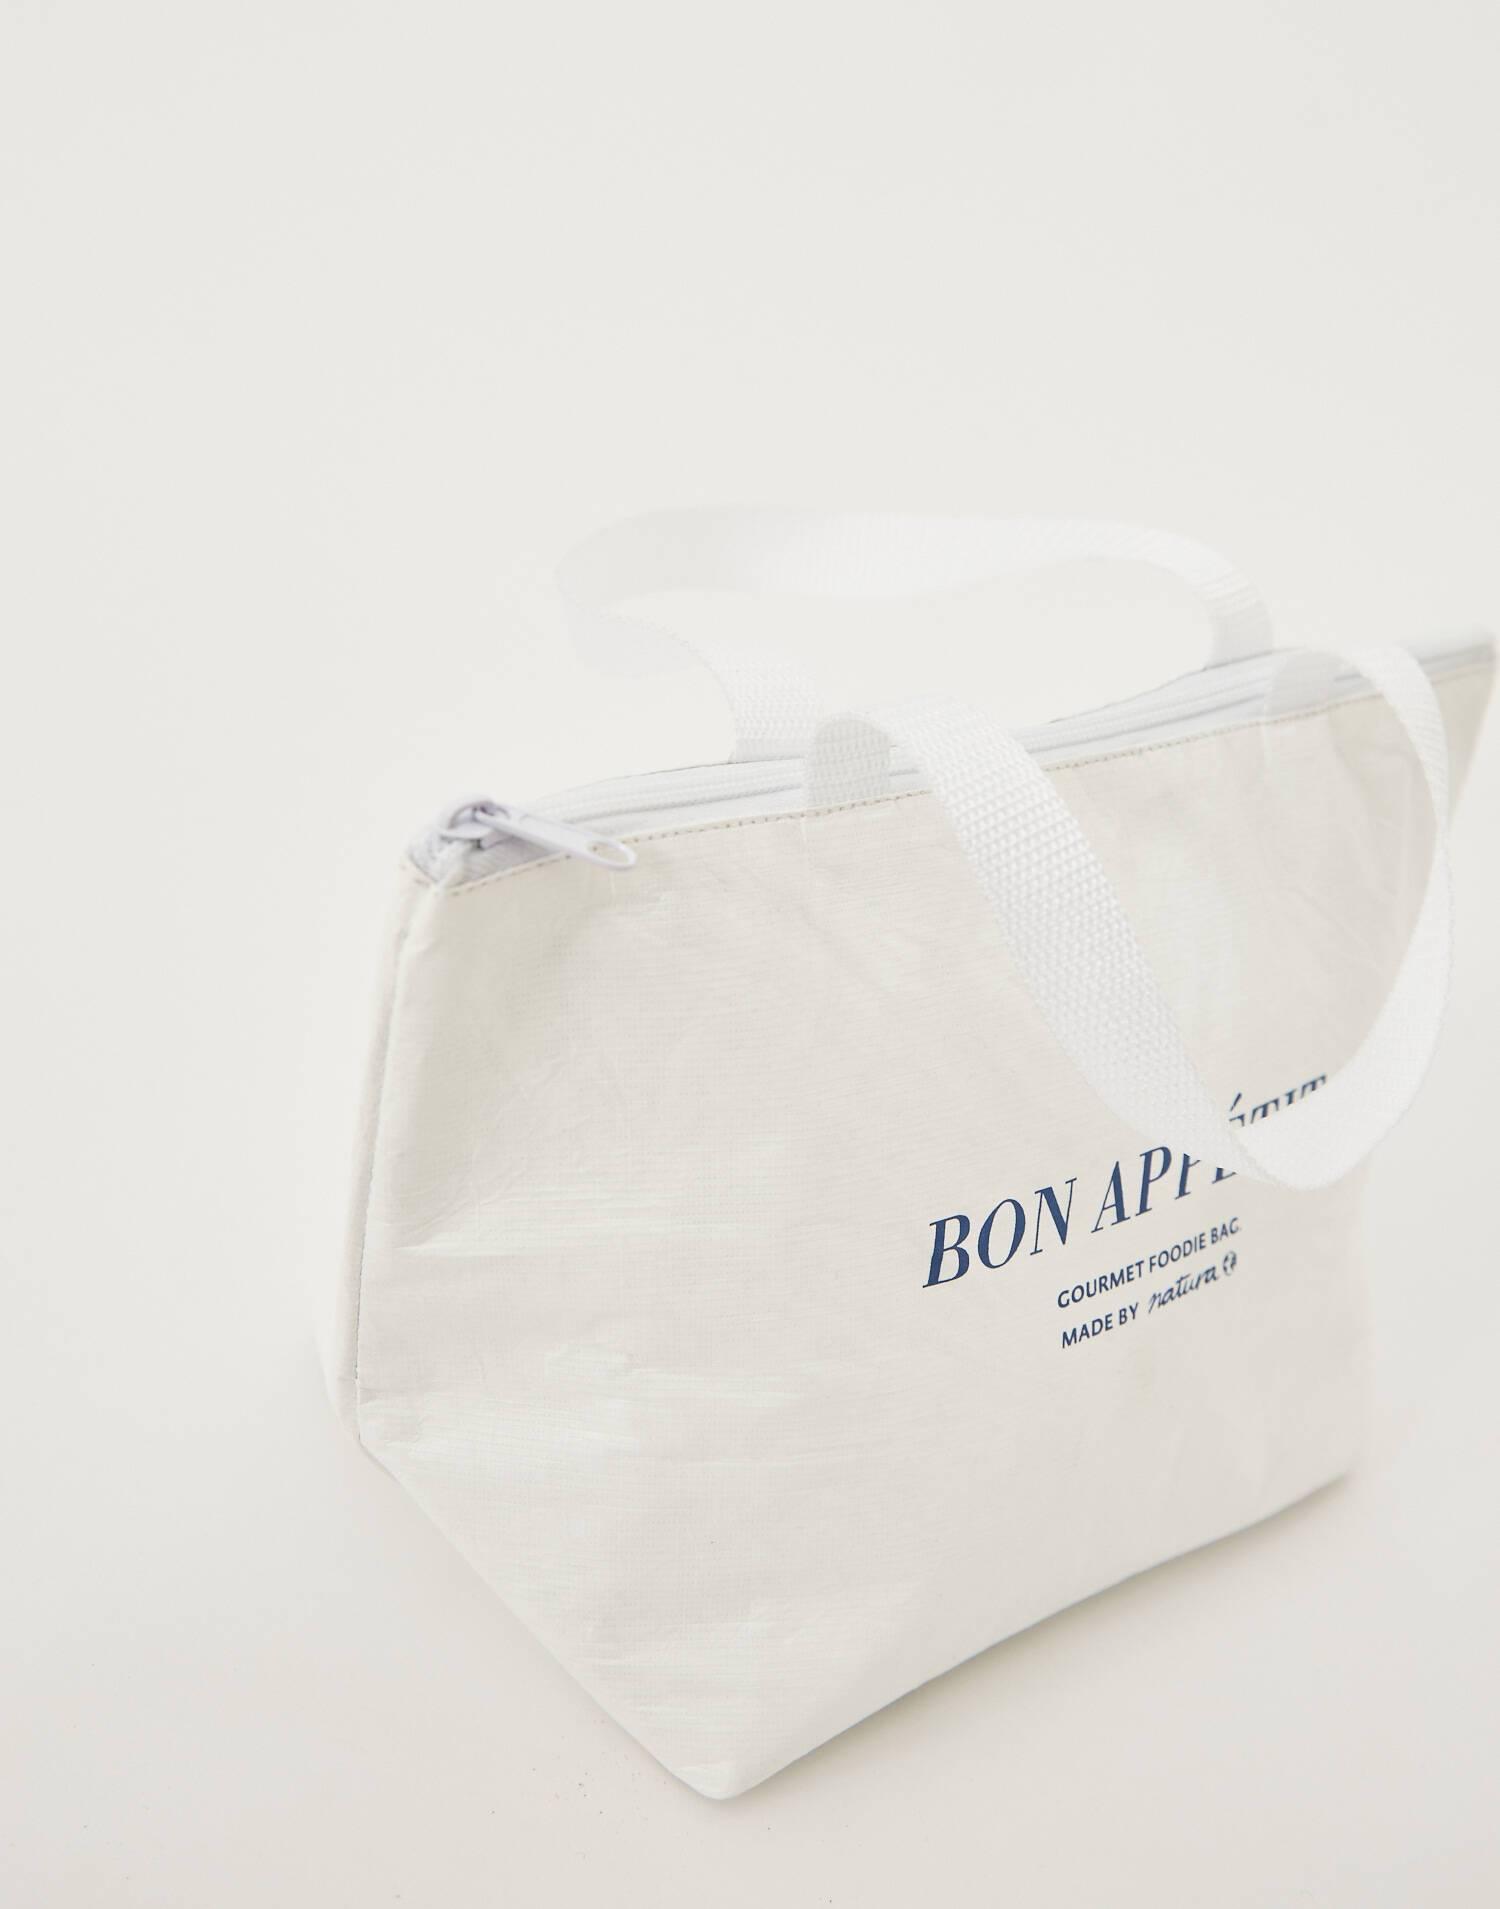 Bon appétit lunch bag